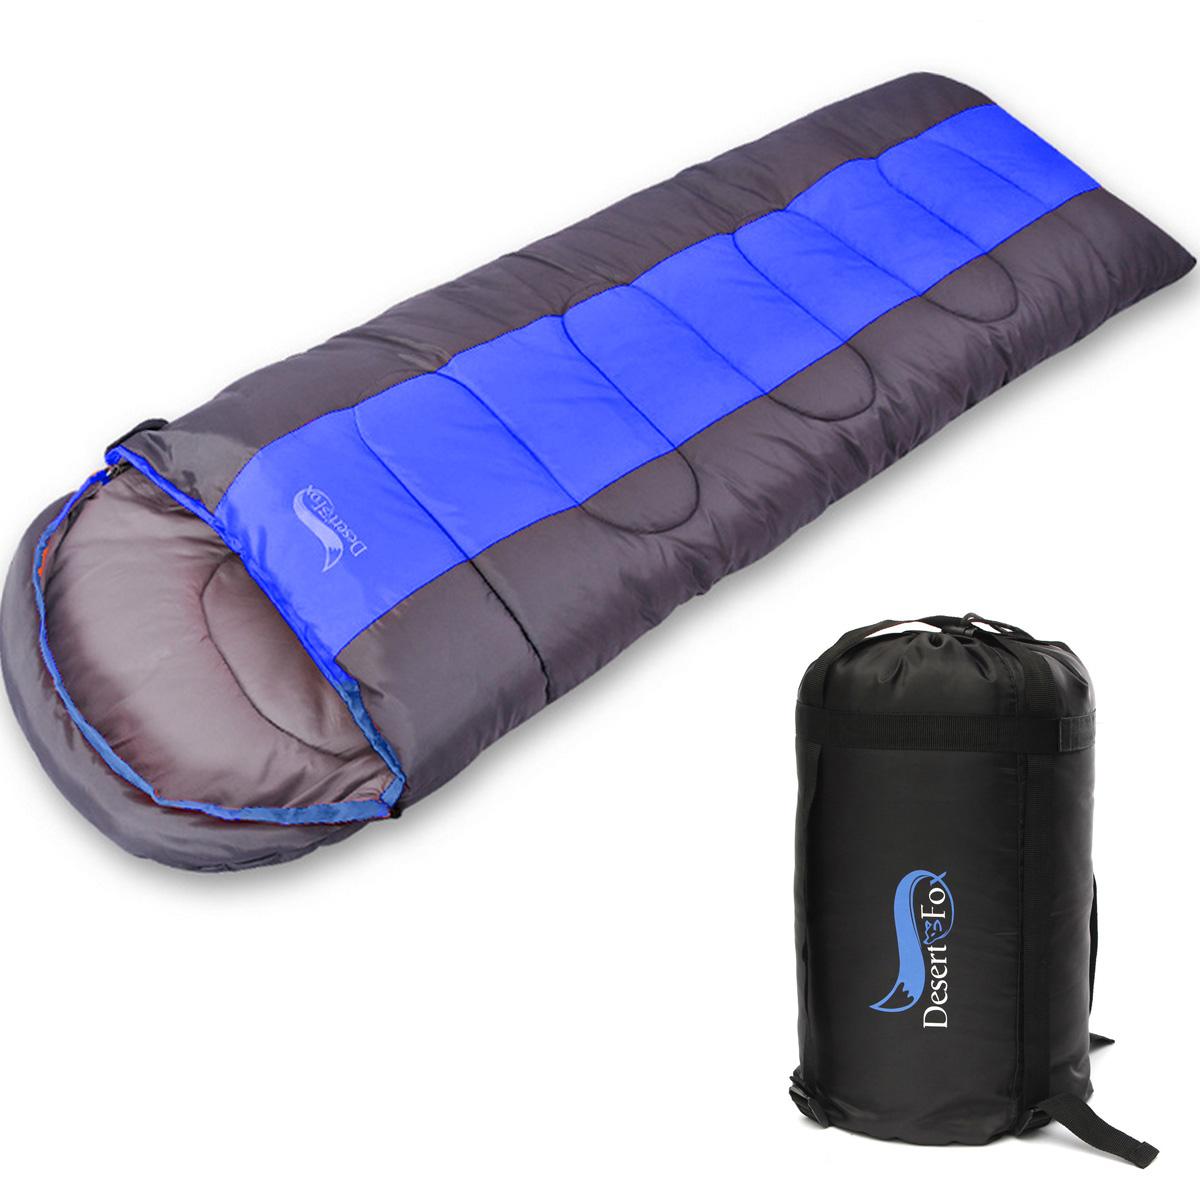 4SEASON SLEEPING BAG WATERPROOF SINGLE SUIT CASE CAMPING HIKING OUTDOOR ENVELOPE